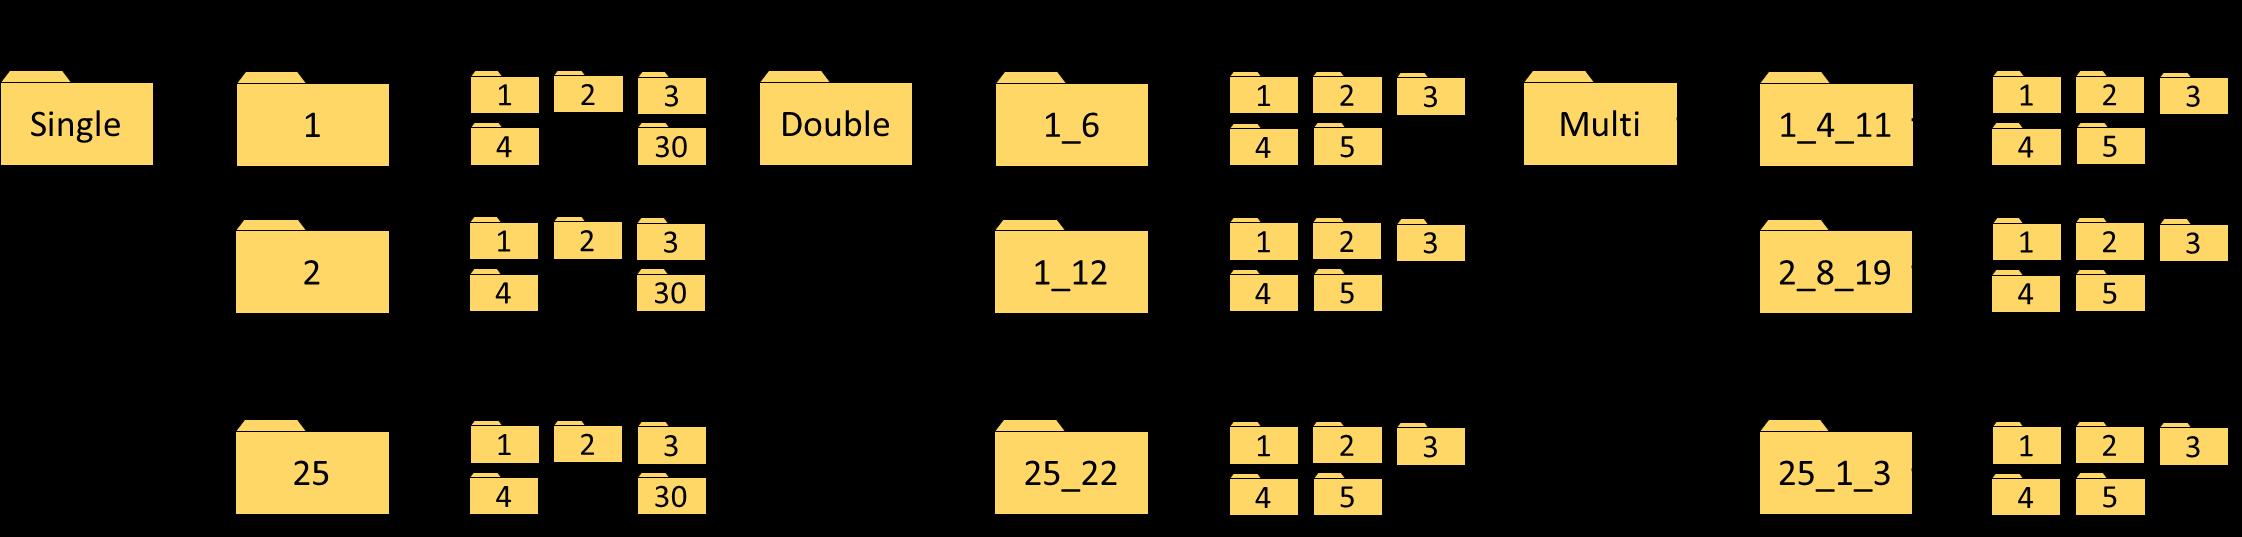 APC_dataset_dir